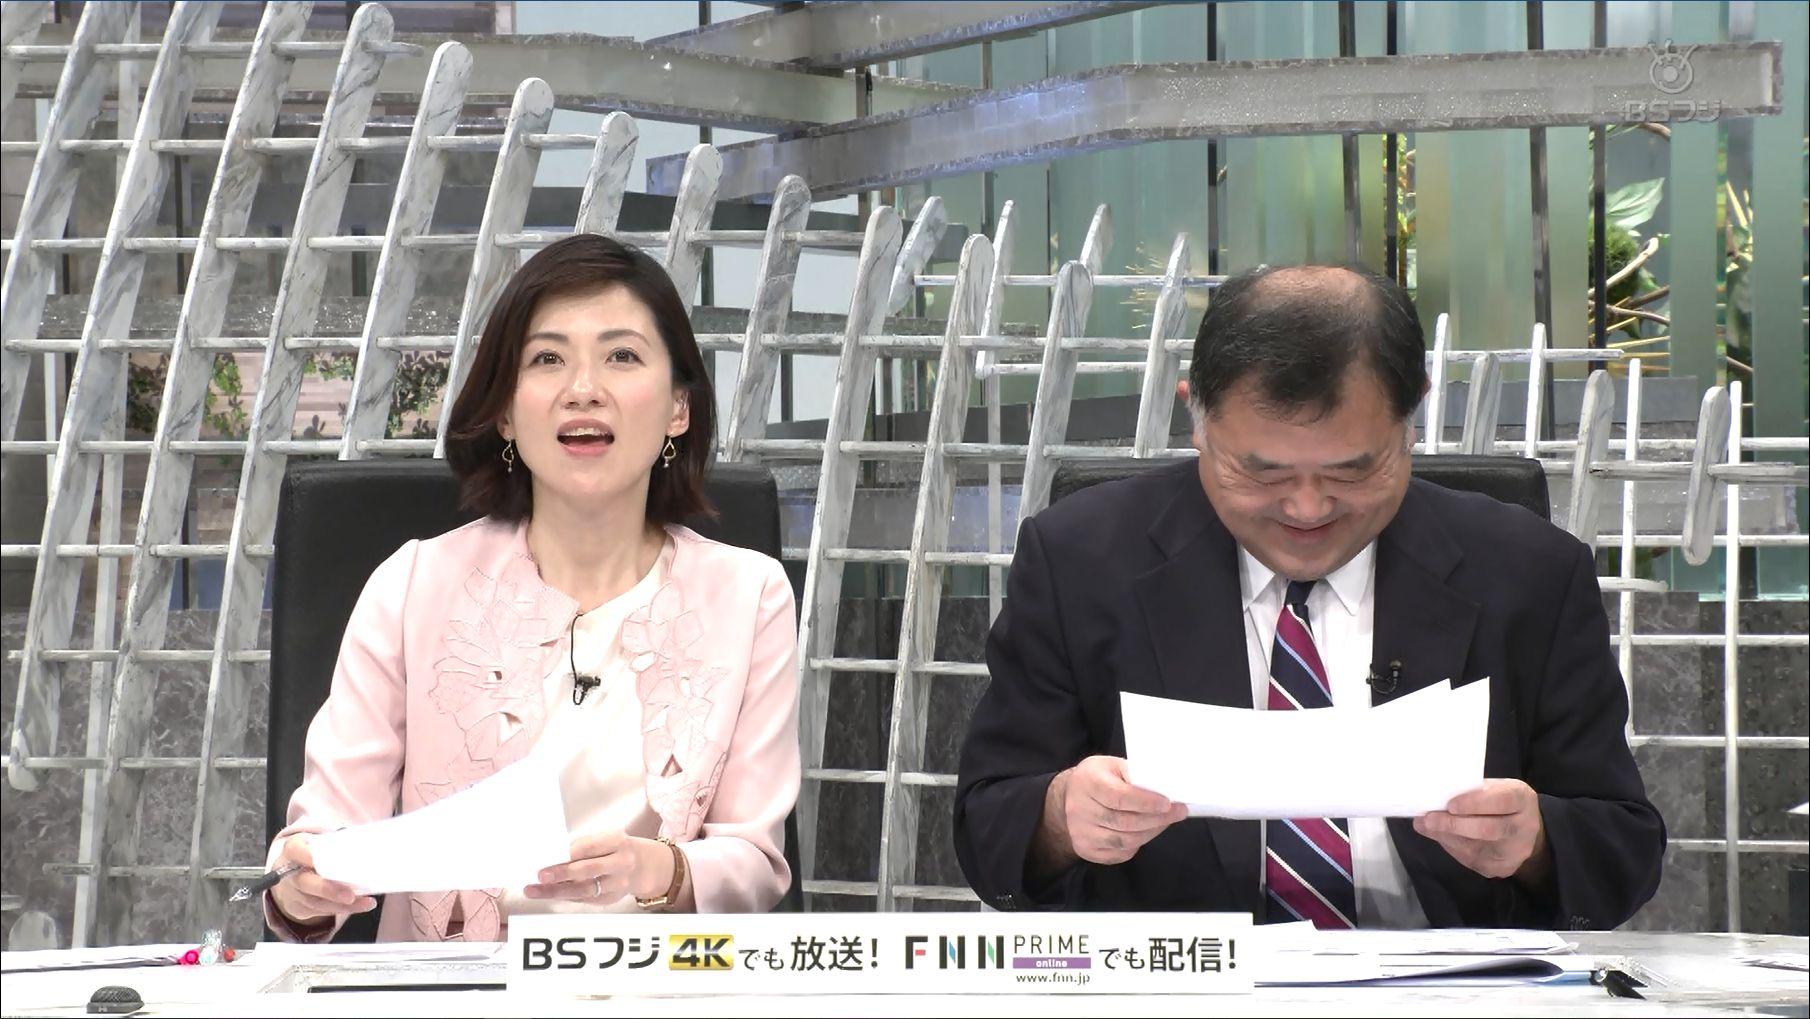 梅津弥英子 プライムニュース 20/03/17 : 女子アナキャプでも貼って ...